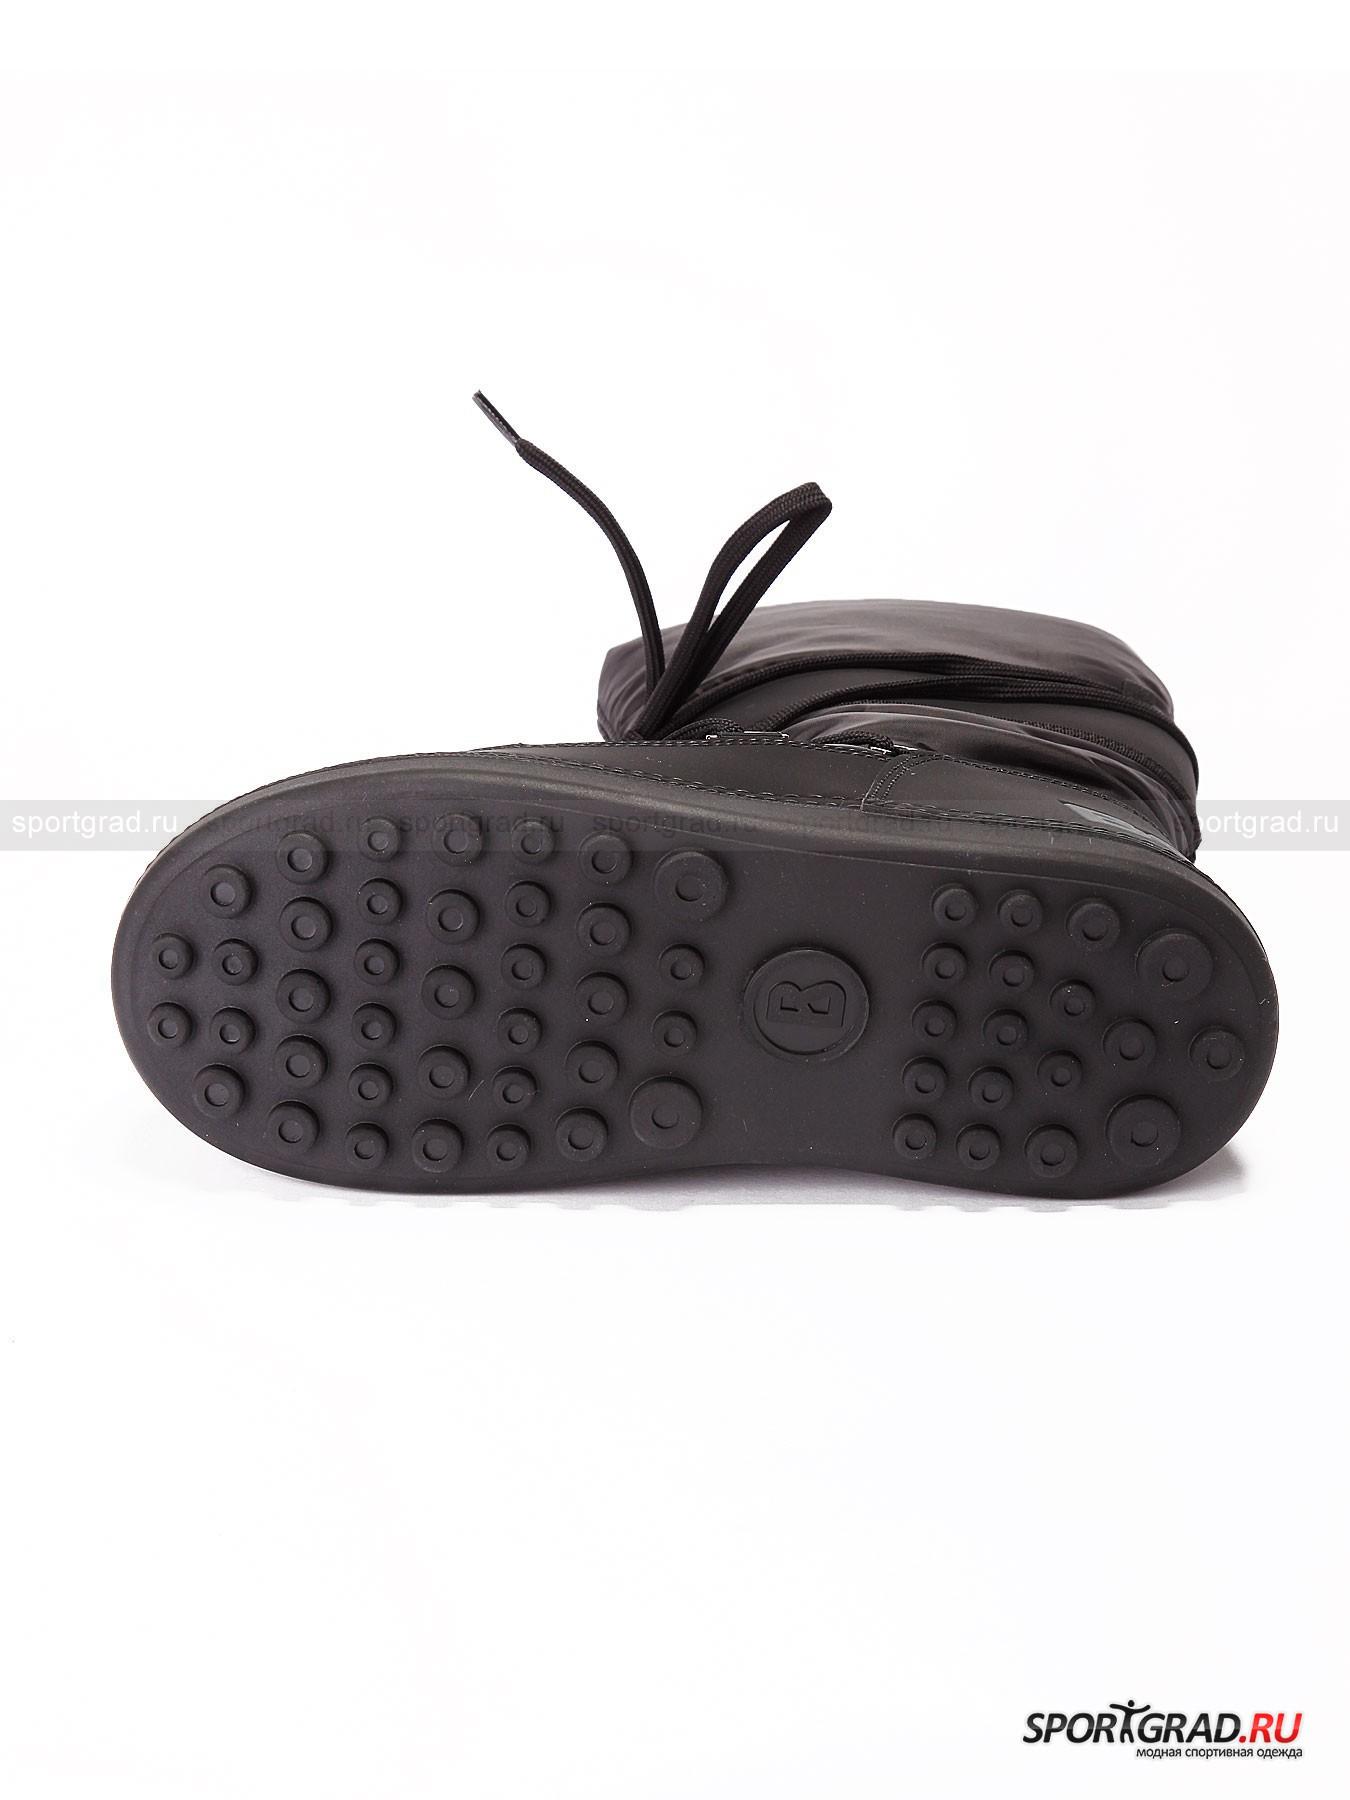 Мужские ботинки BOGNER Davos 2A от Спортград